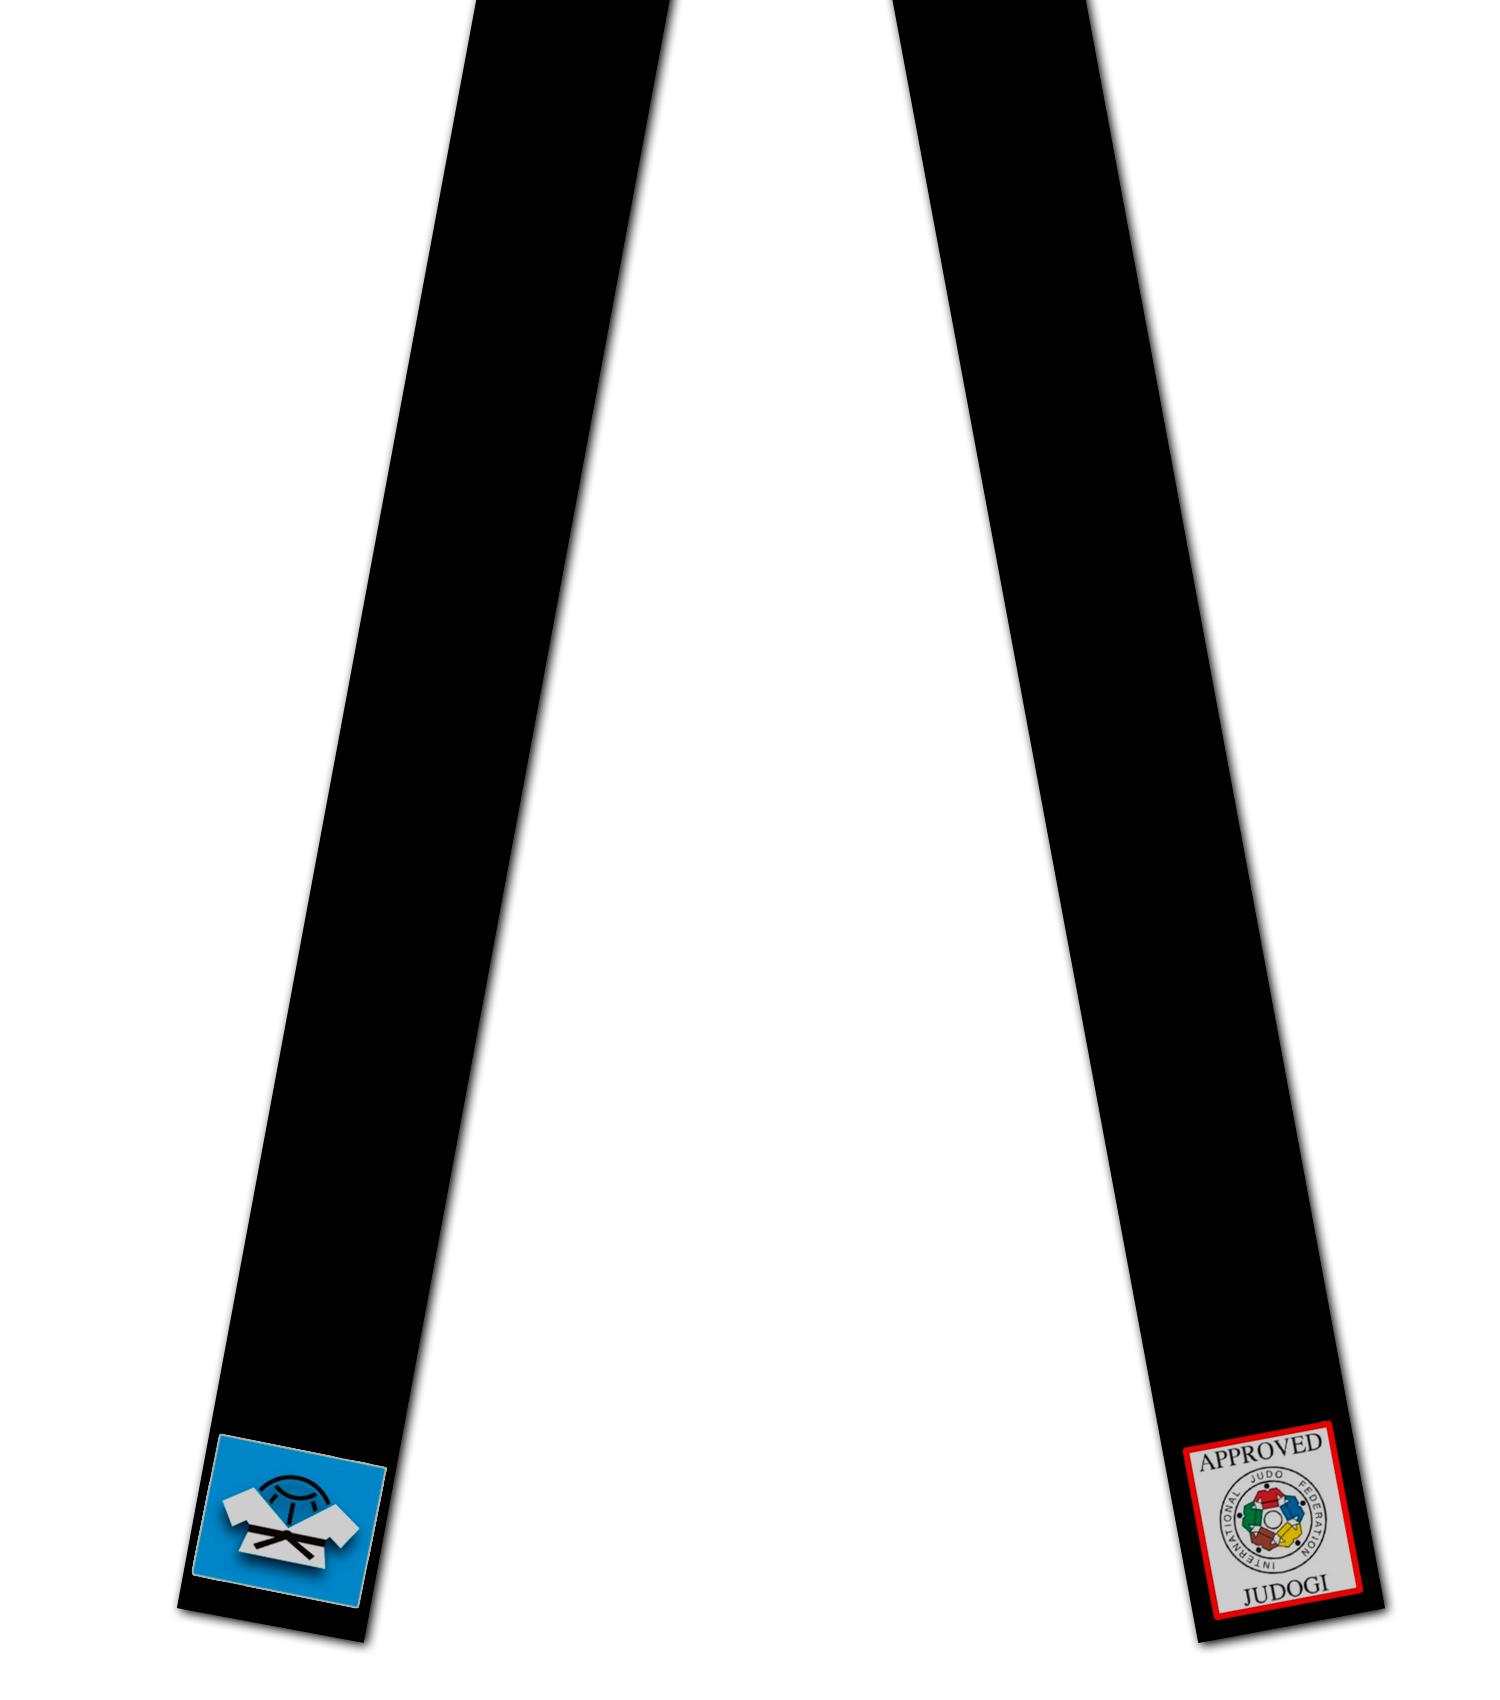 Вышивка на поясах для дзюдо надписей и логотипов